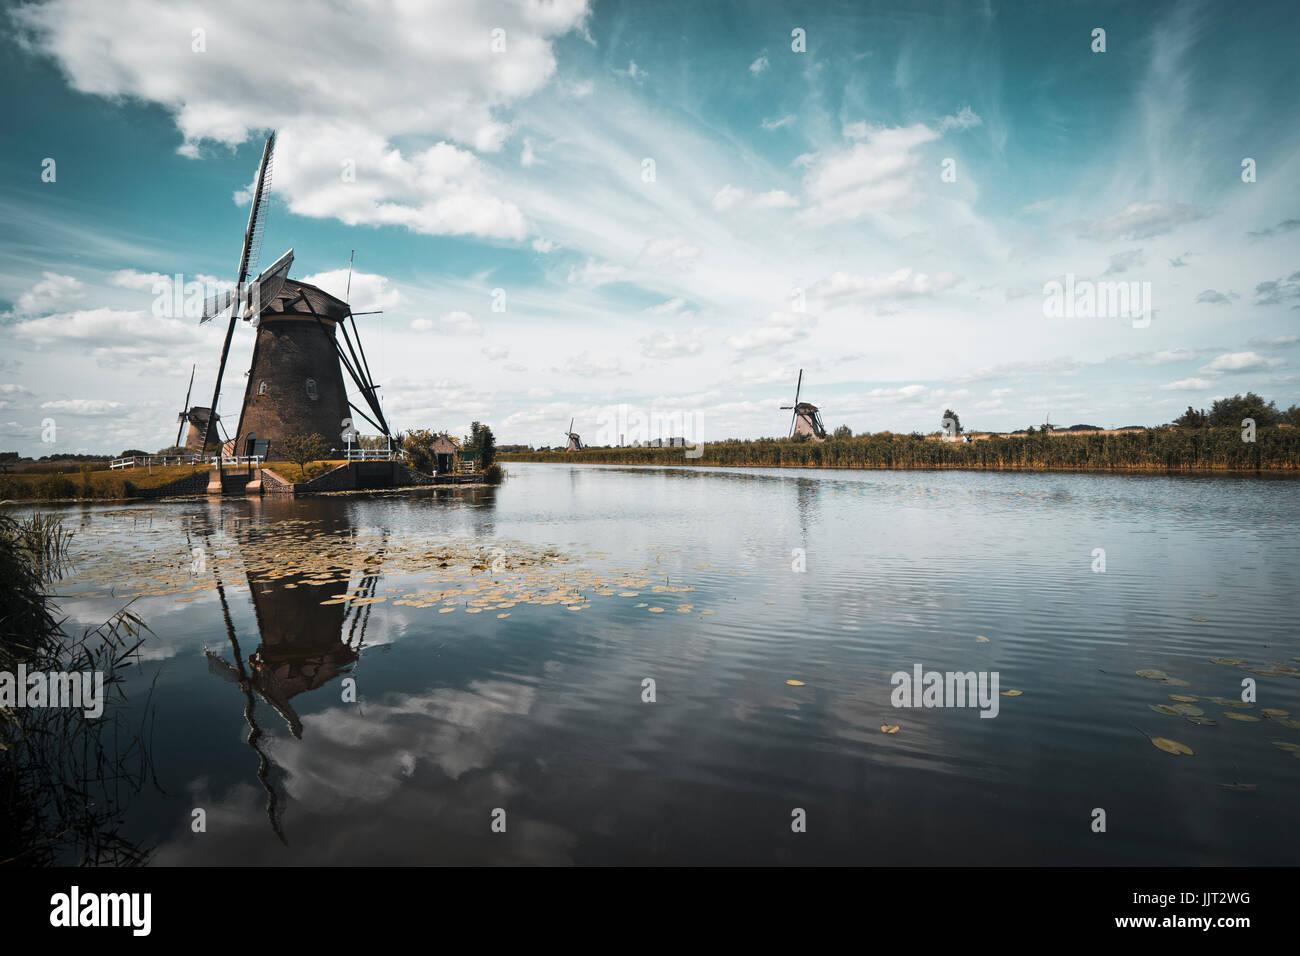 Avec le paysage kinderdijk 19 moulins typiques Photo Stock